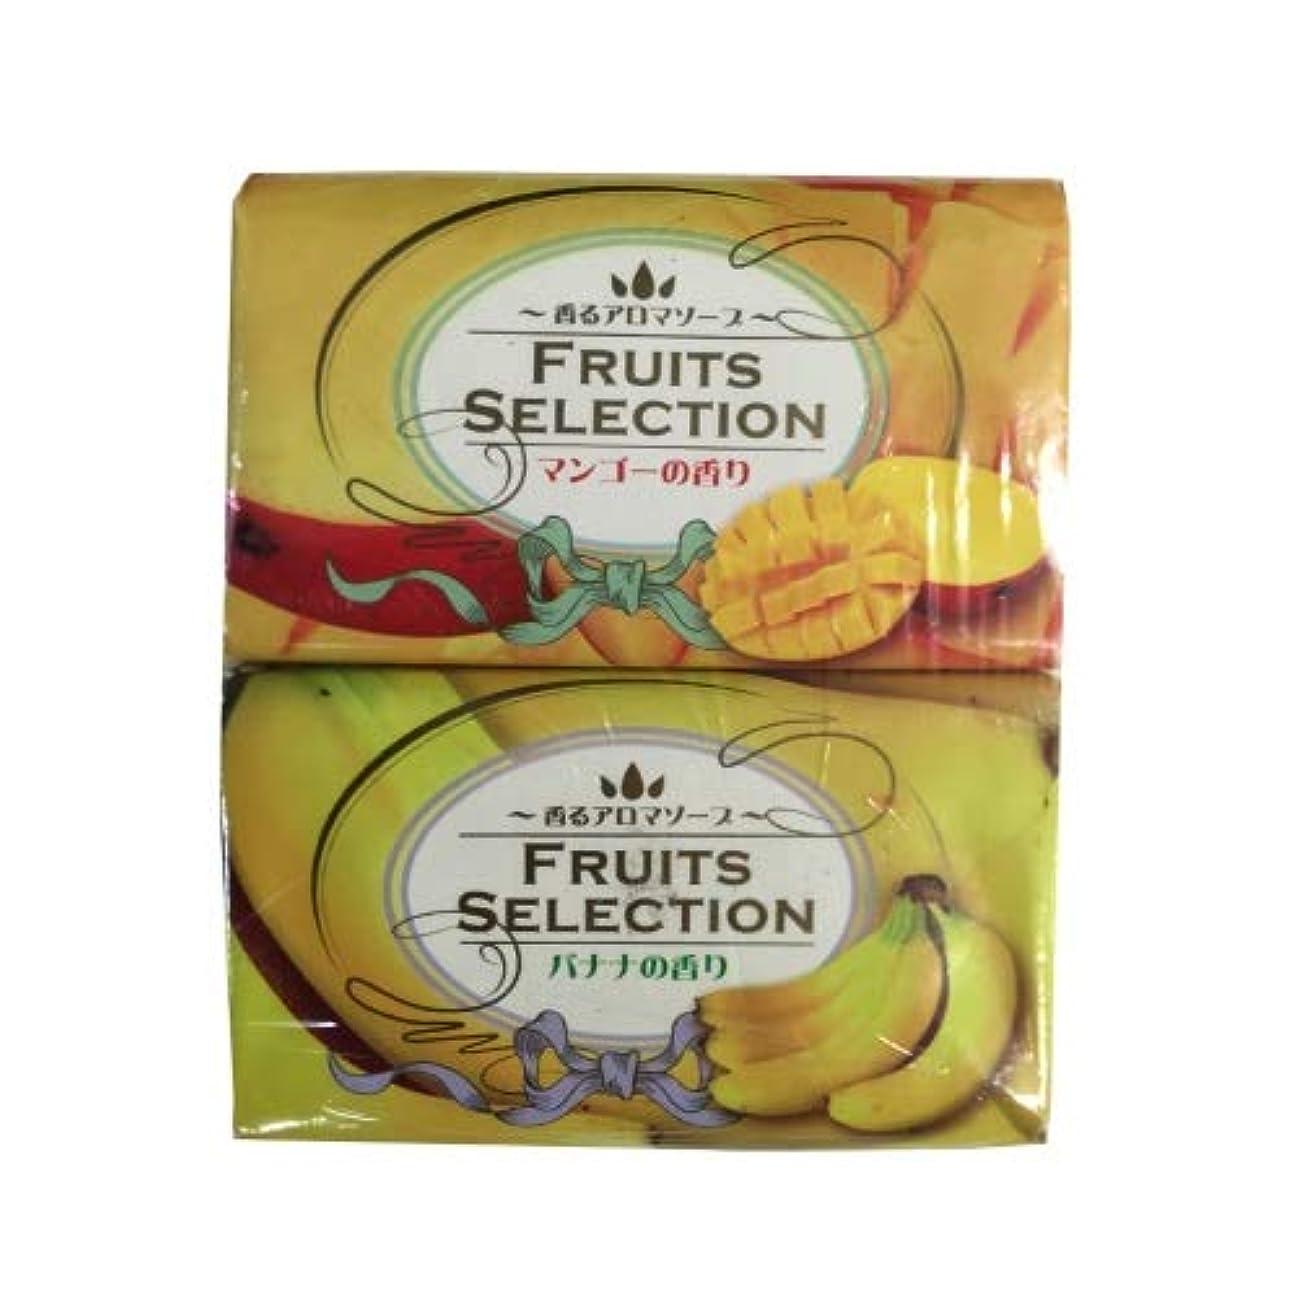 主張する橋脚ボーナスロケット石鹸 香るアロマソープ MB 2個パック (マンゴーの香り1個 & バナナの香り 1個)